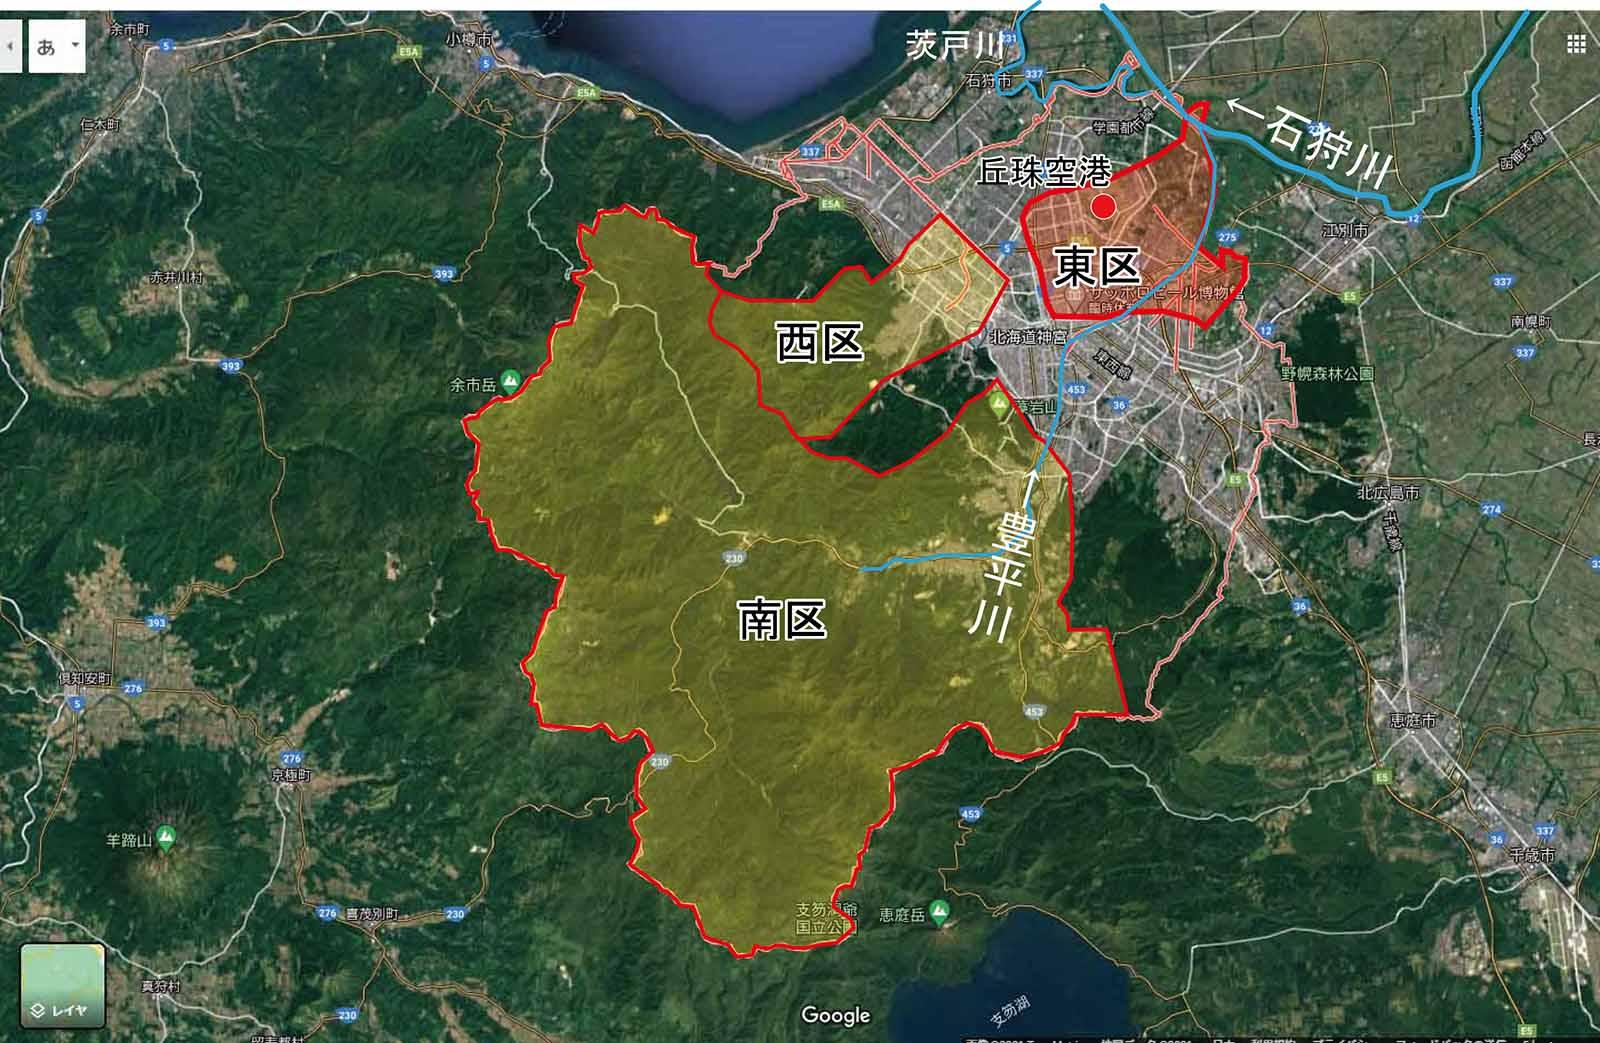 札幌市ヒグマの目撃情報が多い区